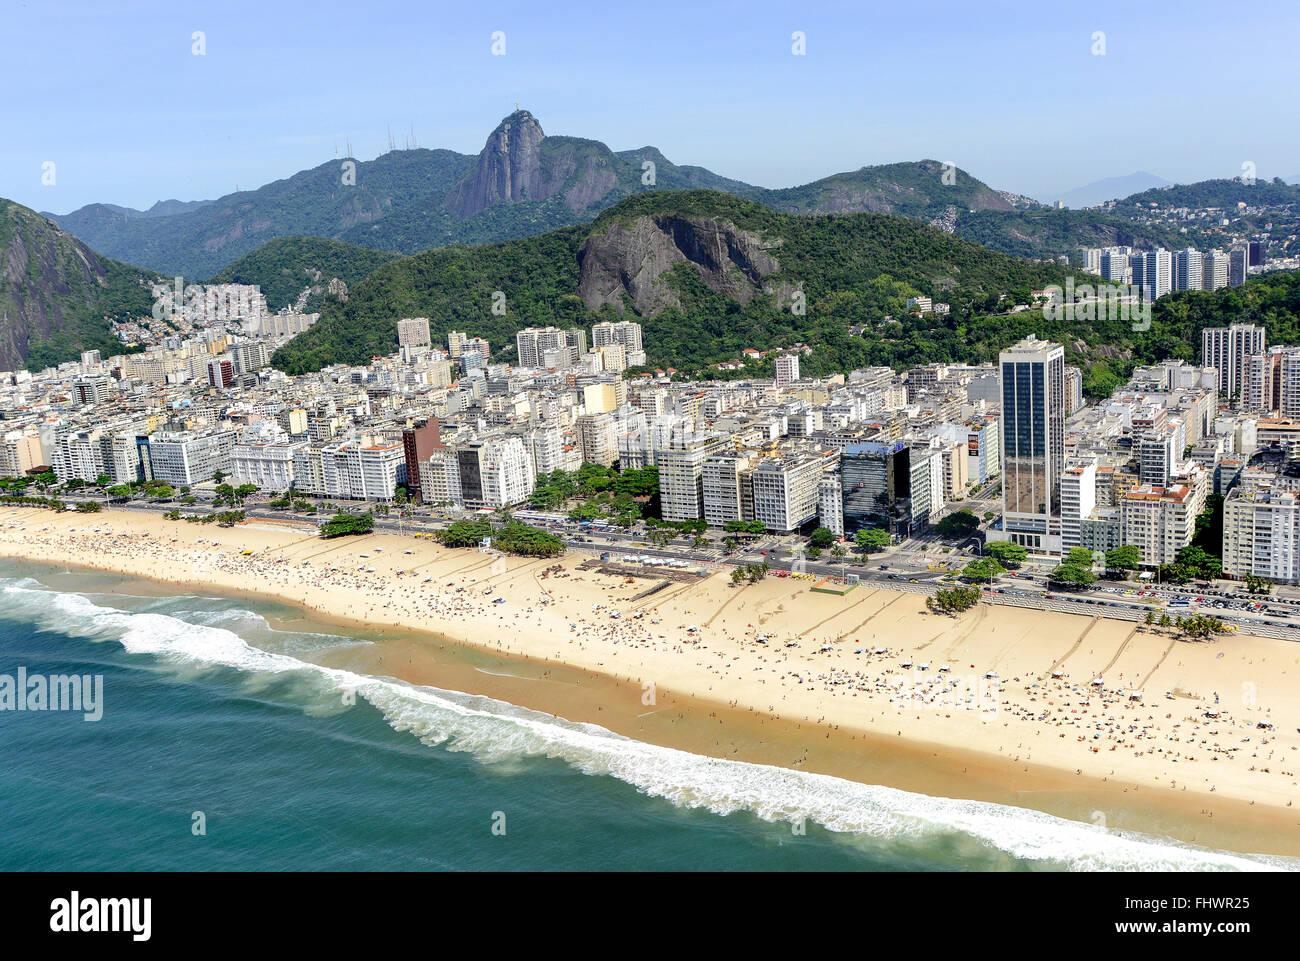 Vista aérea de parte de los barrios y las playas de Copacabana y Leme y Avenida Atlantica Imagen De Stock